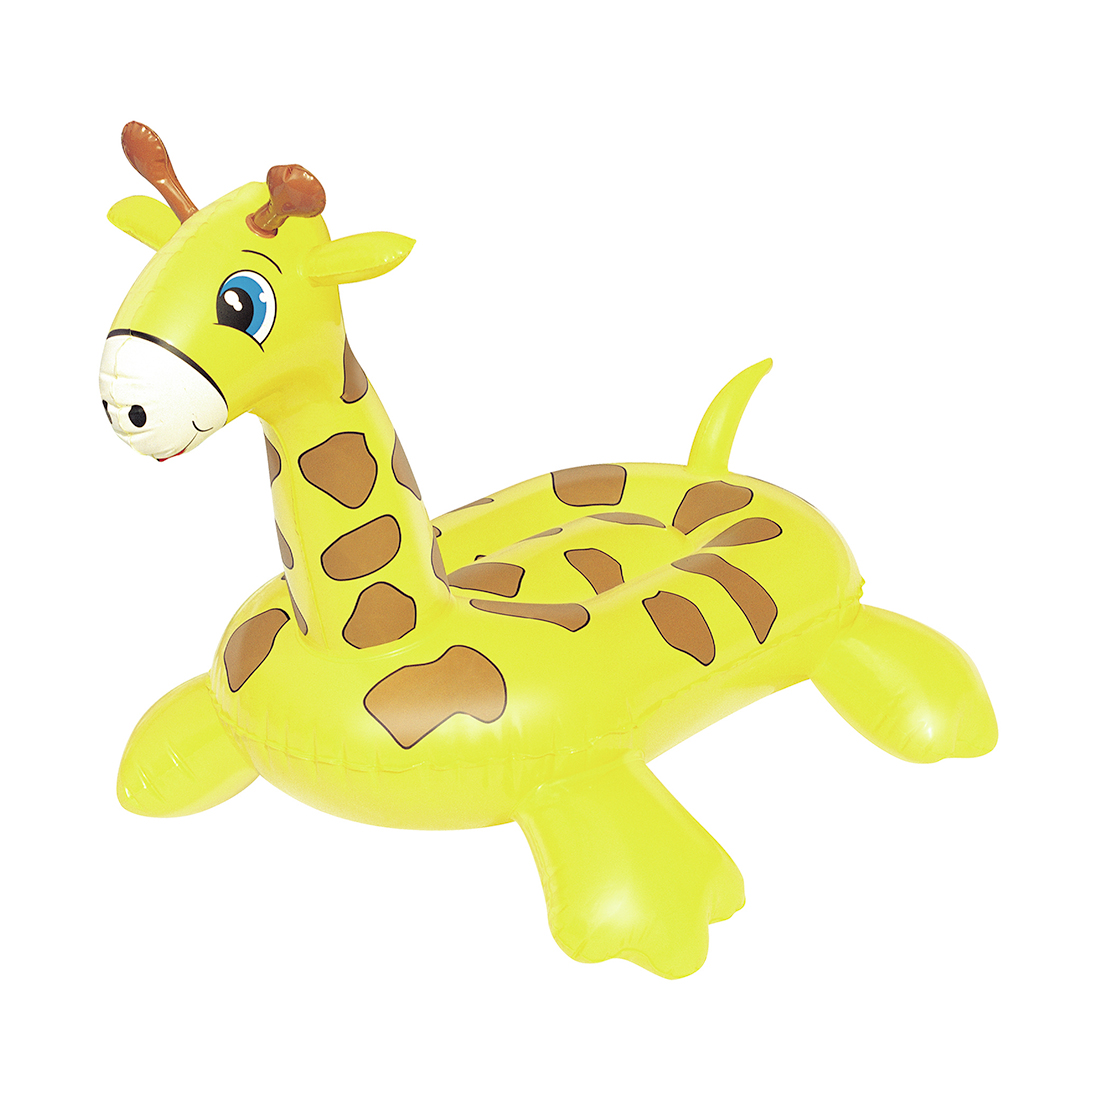 Надувная игрушка Bestway 41082 в форме жирафа для плавания